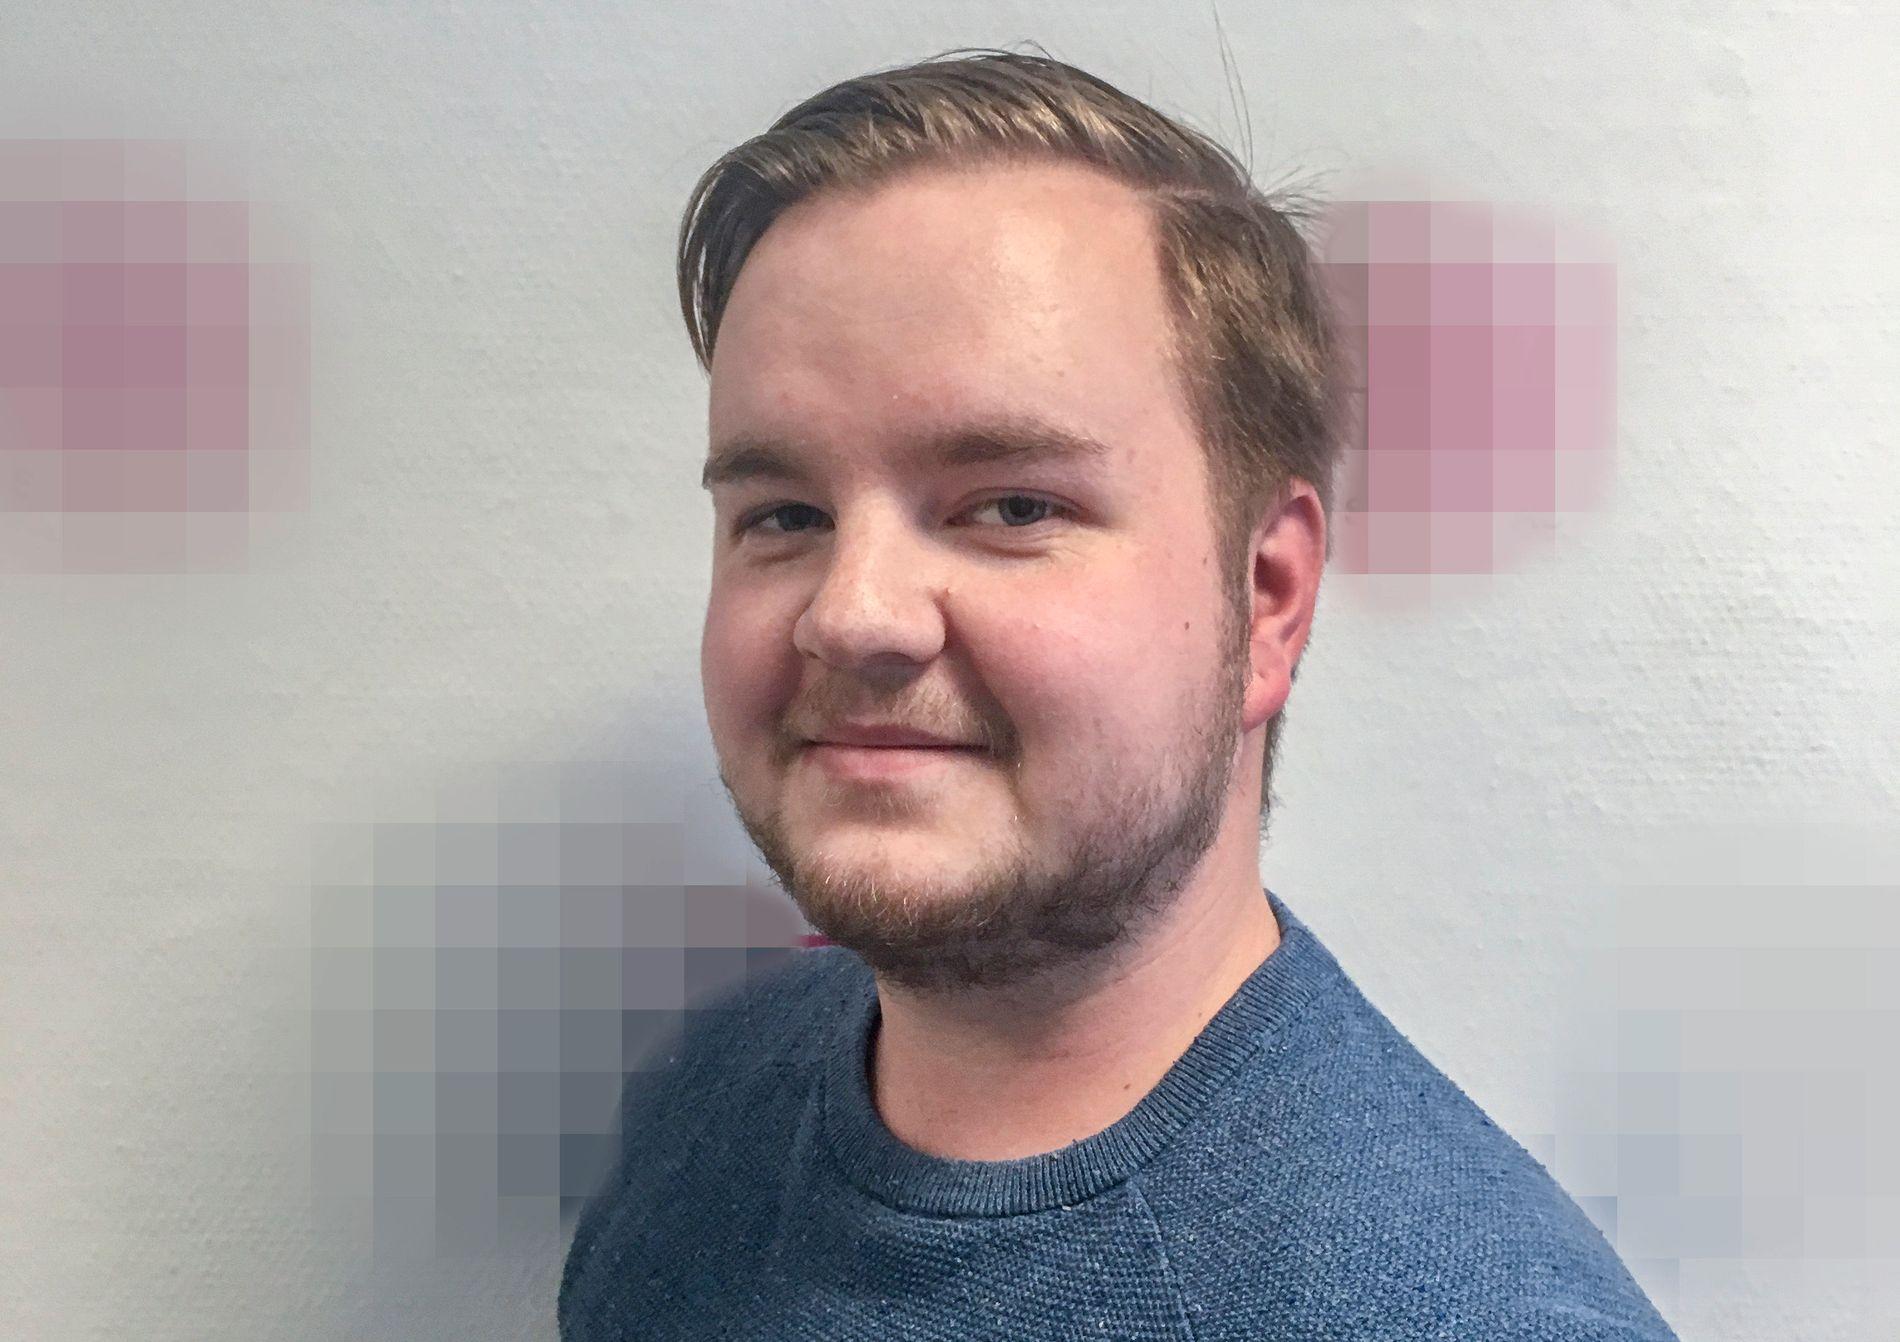 DREPT: Det var 24 år gamle Heikki Bjørklund Paltto som ble funnet knivdrept hjemme i kollektivet han bodde i på Majorstuen mandag denne uken.